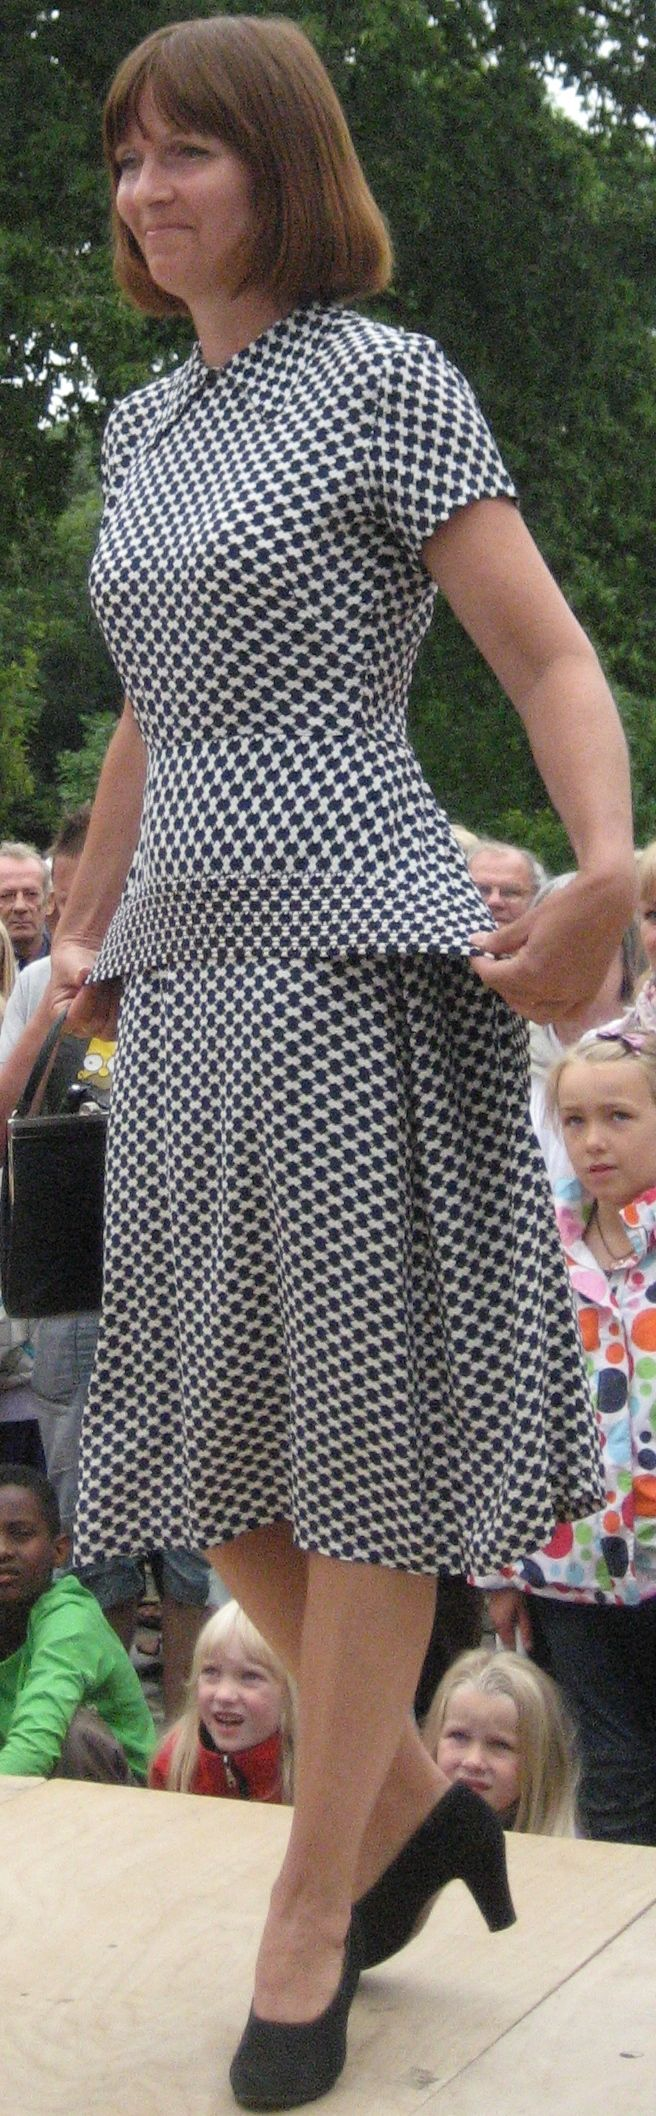 Fra 30´erne. Typisk Art deco stof. Historisk mode på Bratskov 2012.